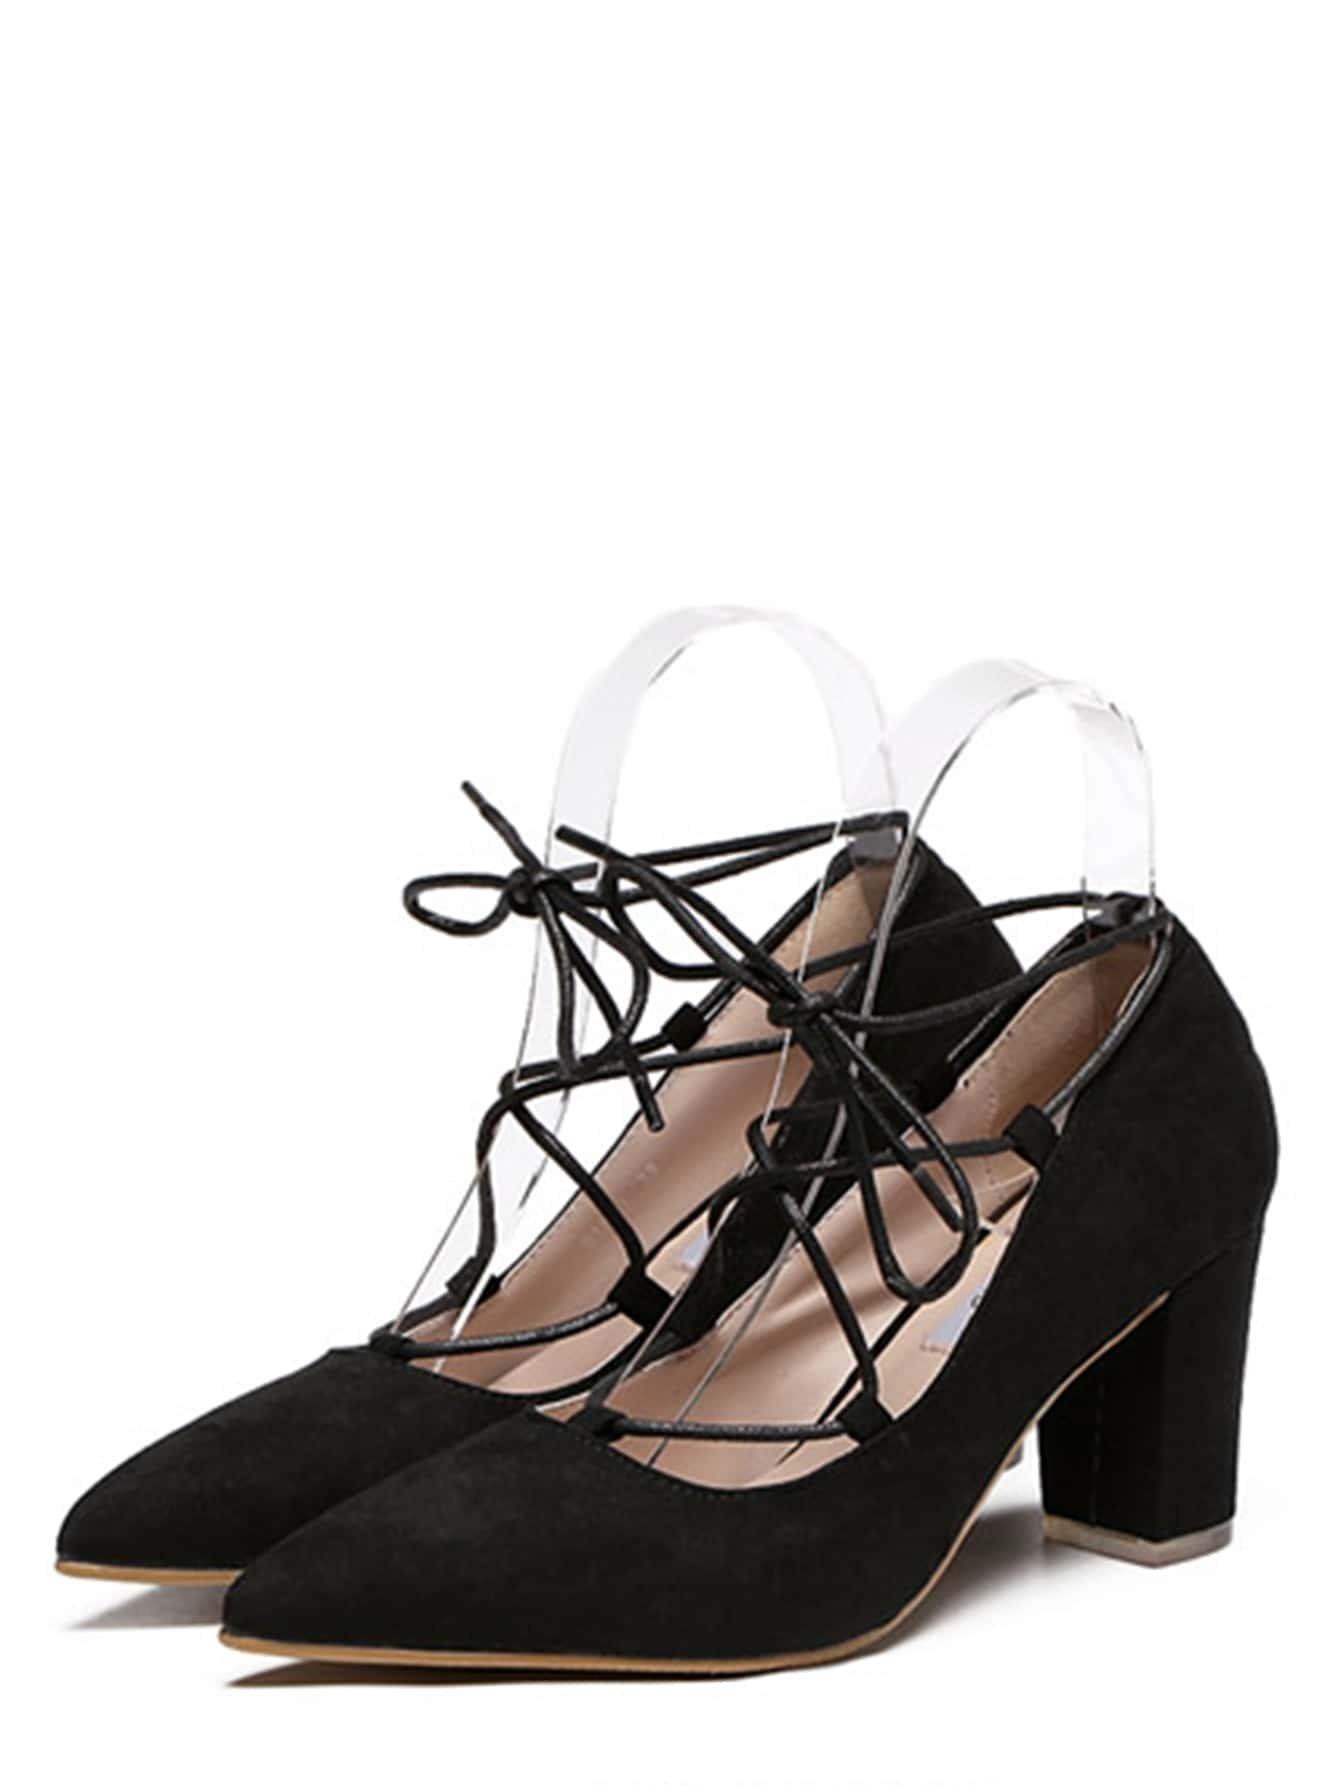 shoes160808809_2